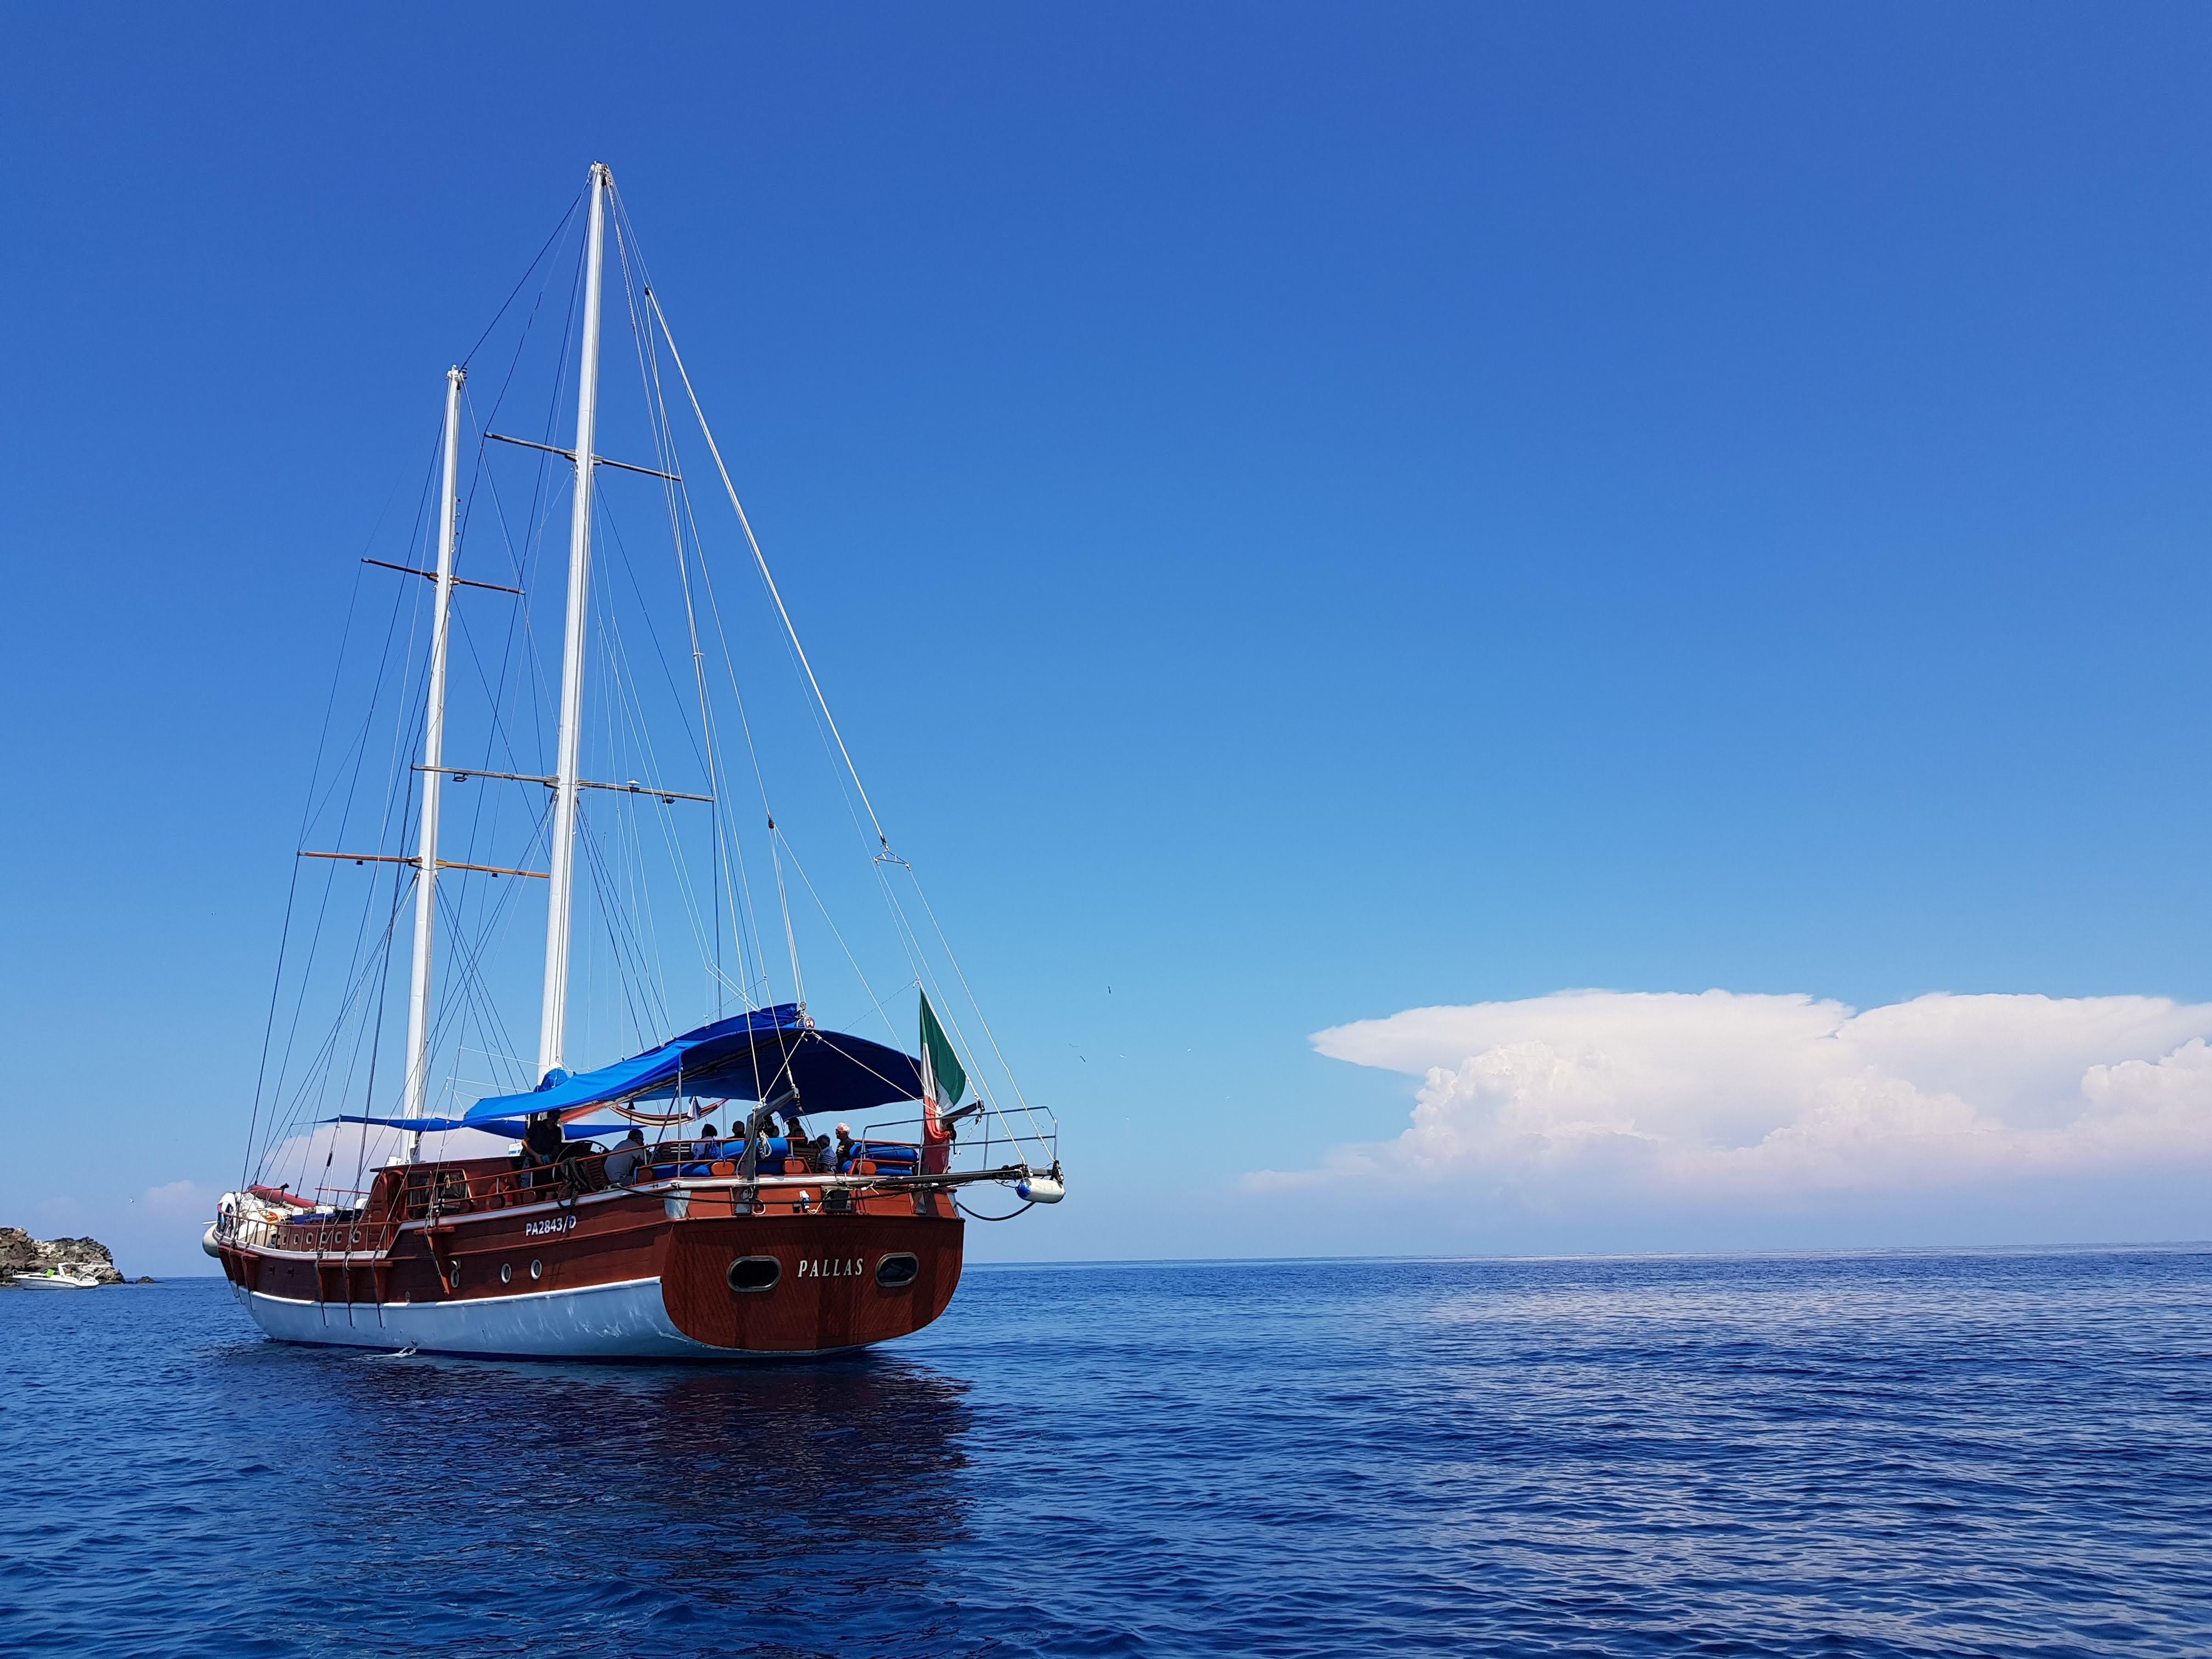 Partiamo da Milazzo e tocchiamo 6 Isole. Il programma più completo per visitare le Eolie